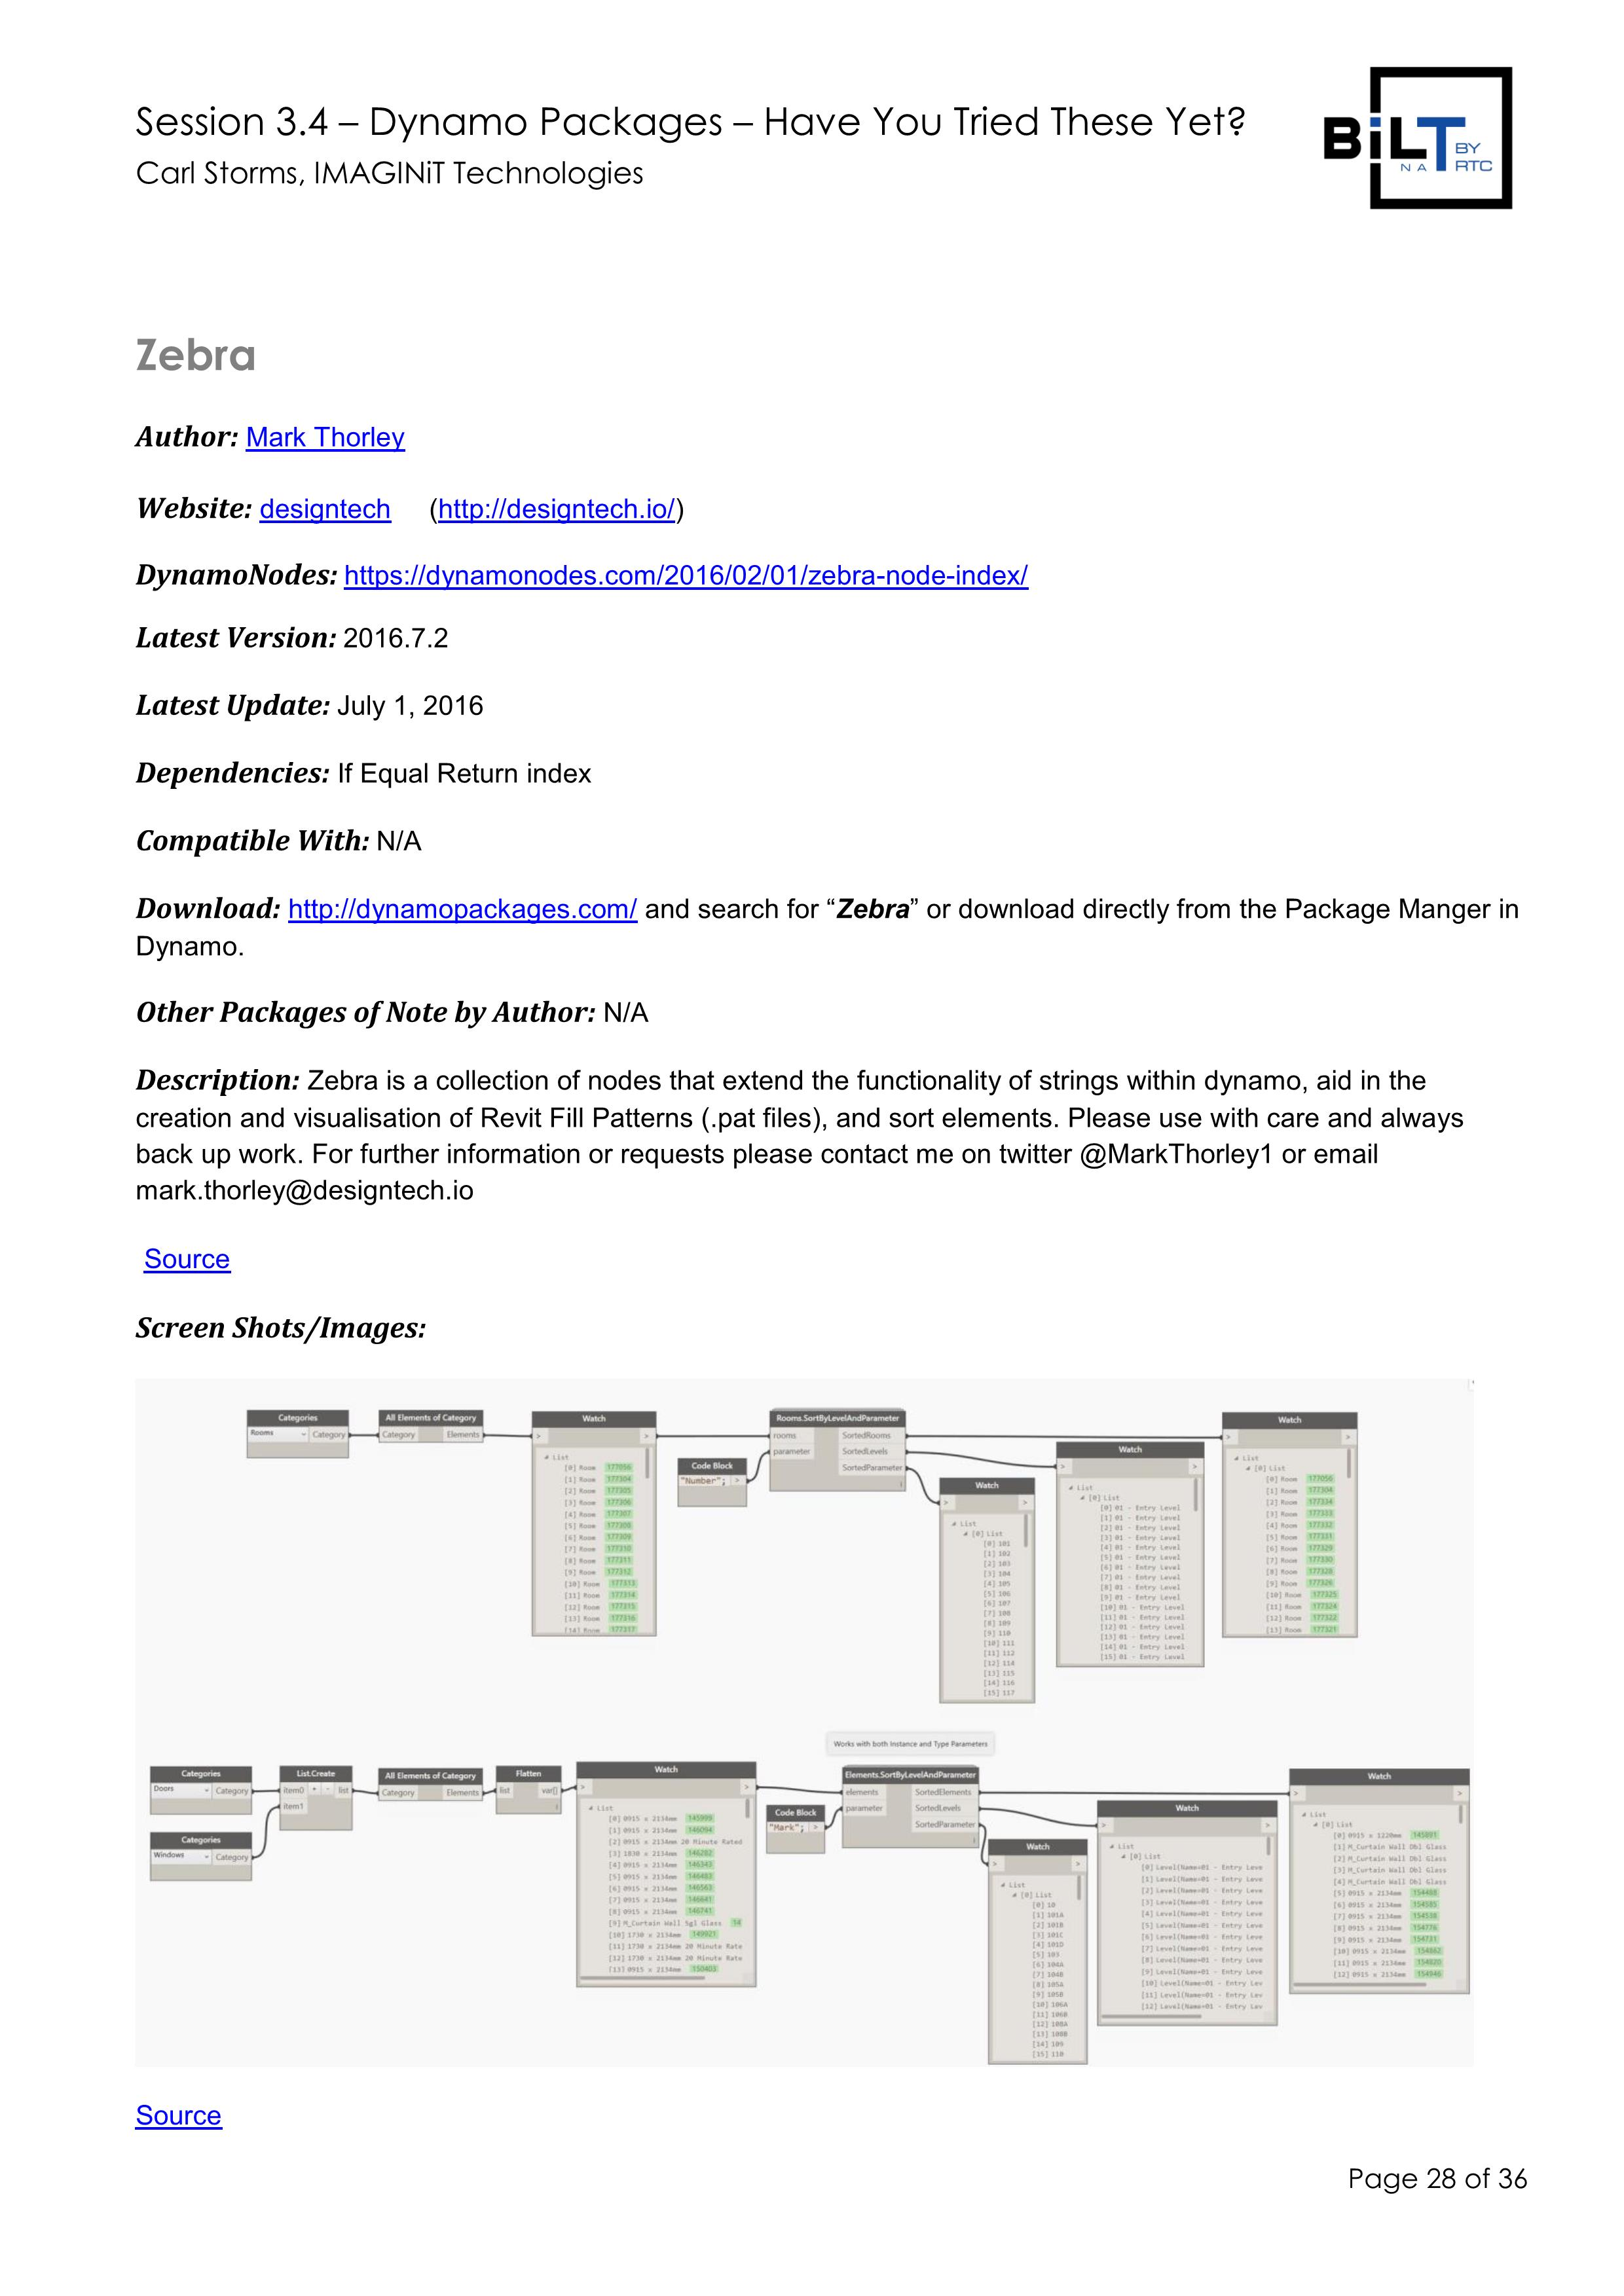 DynamoPackagesHaveYouTried Page 028.jpg